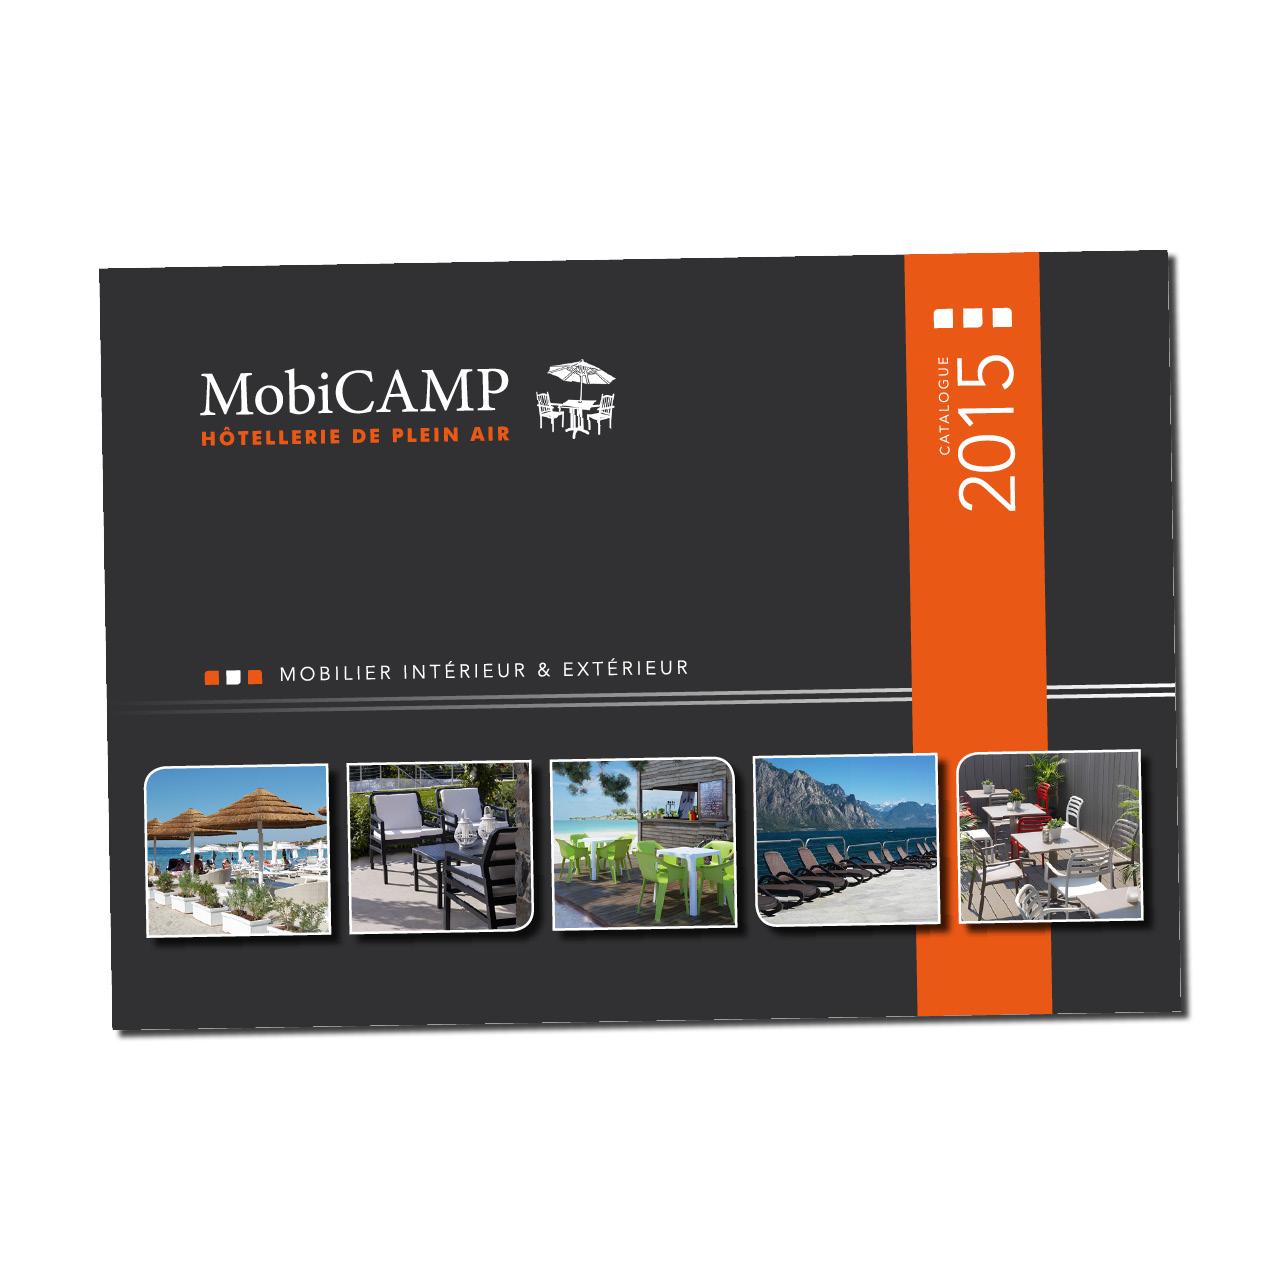 MobiCamp 2015